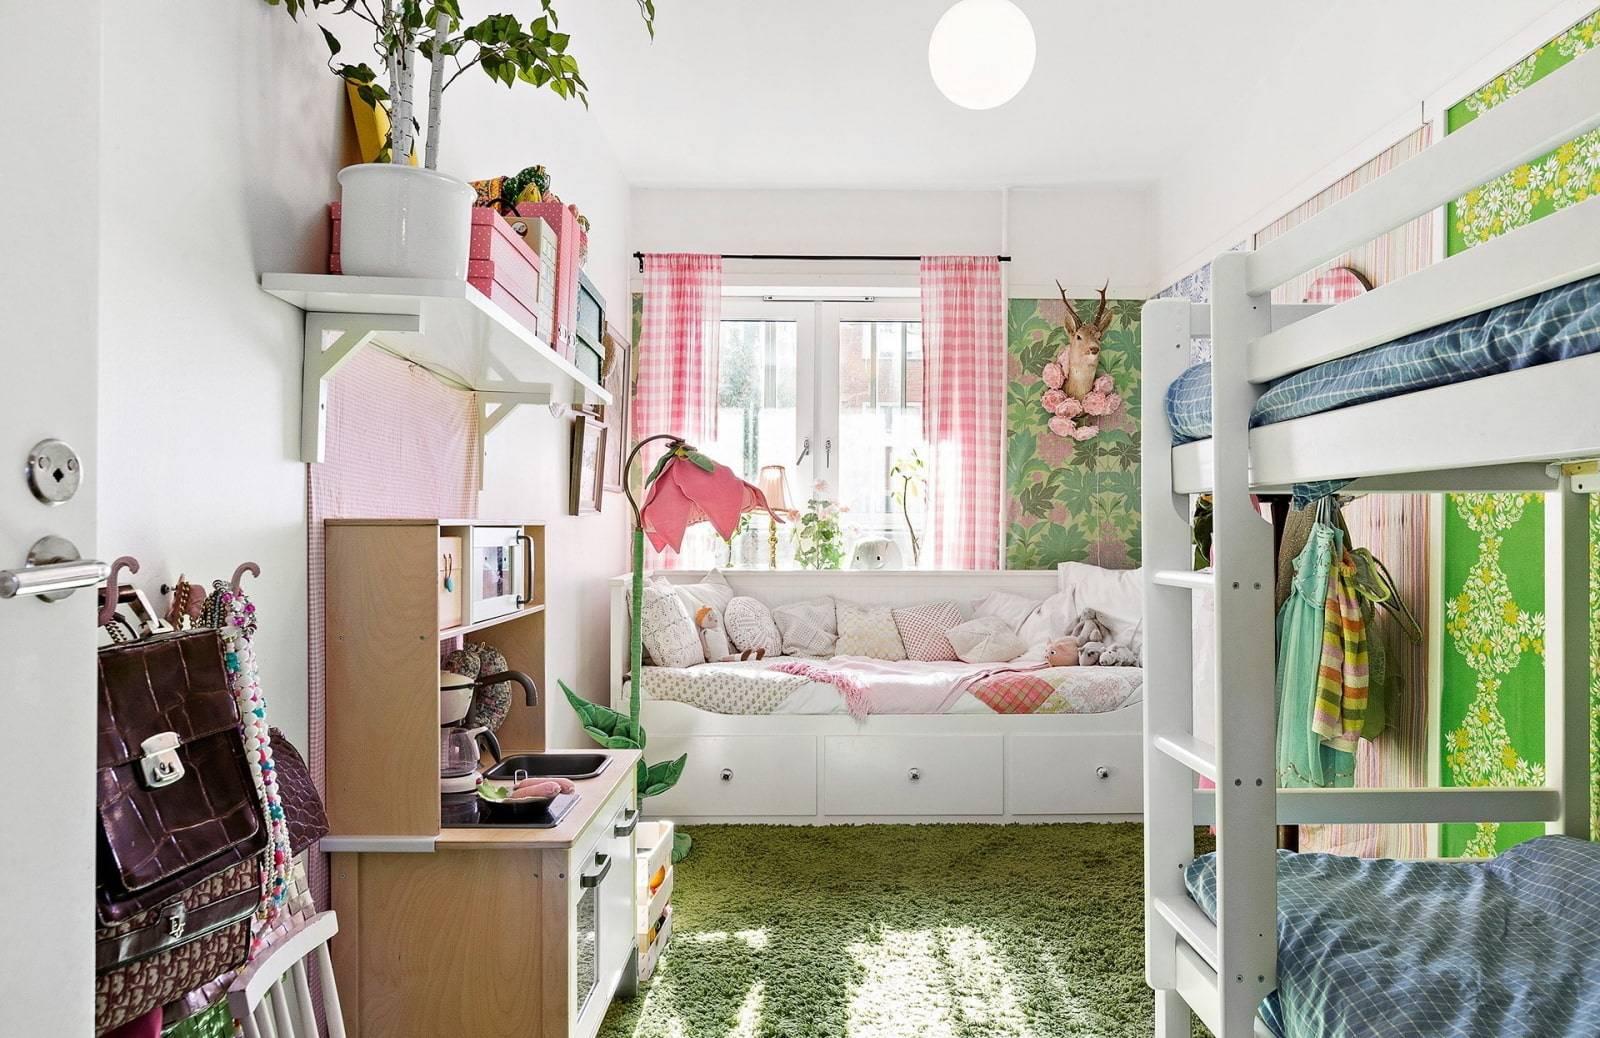 Комната для 3 детей – 8 советов и фото интерьеров